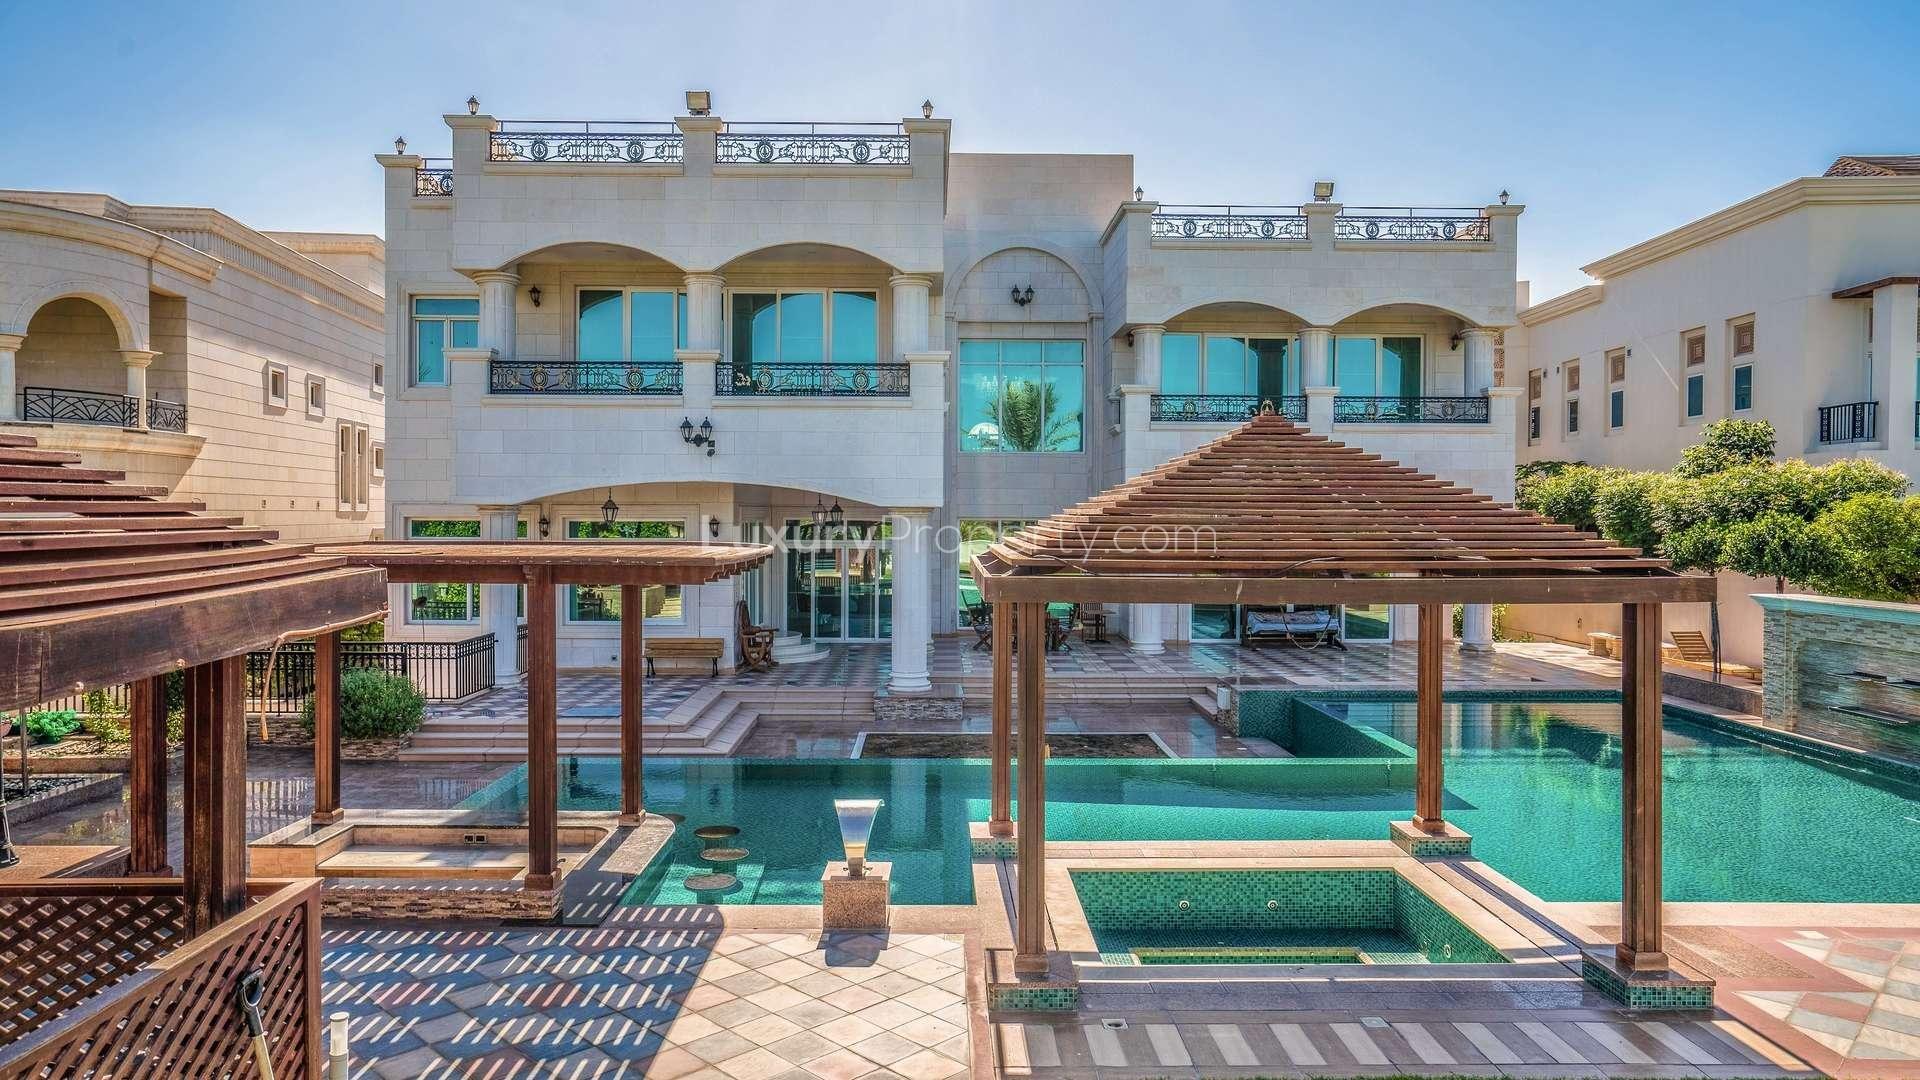 Villas for Rent in Dubai - Houses for Rent in Dubai